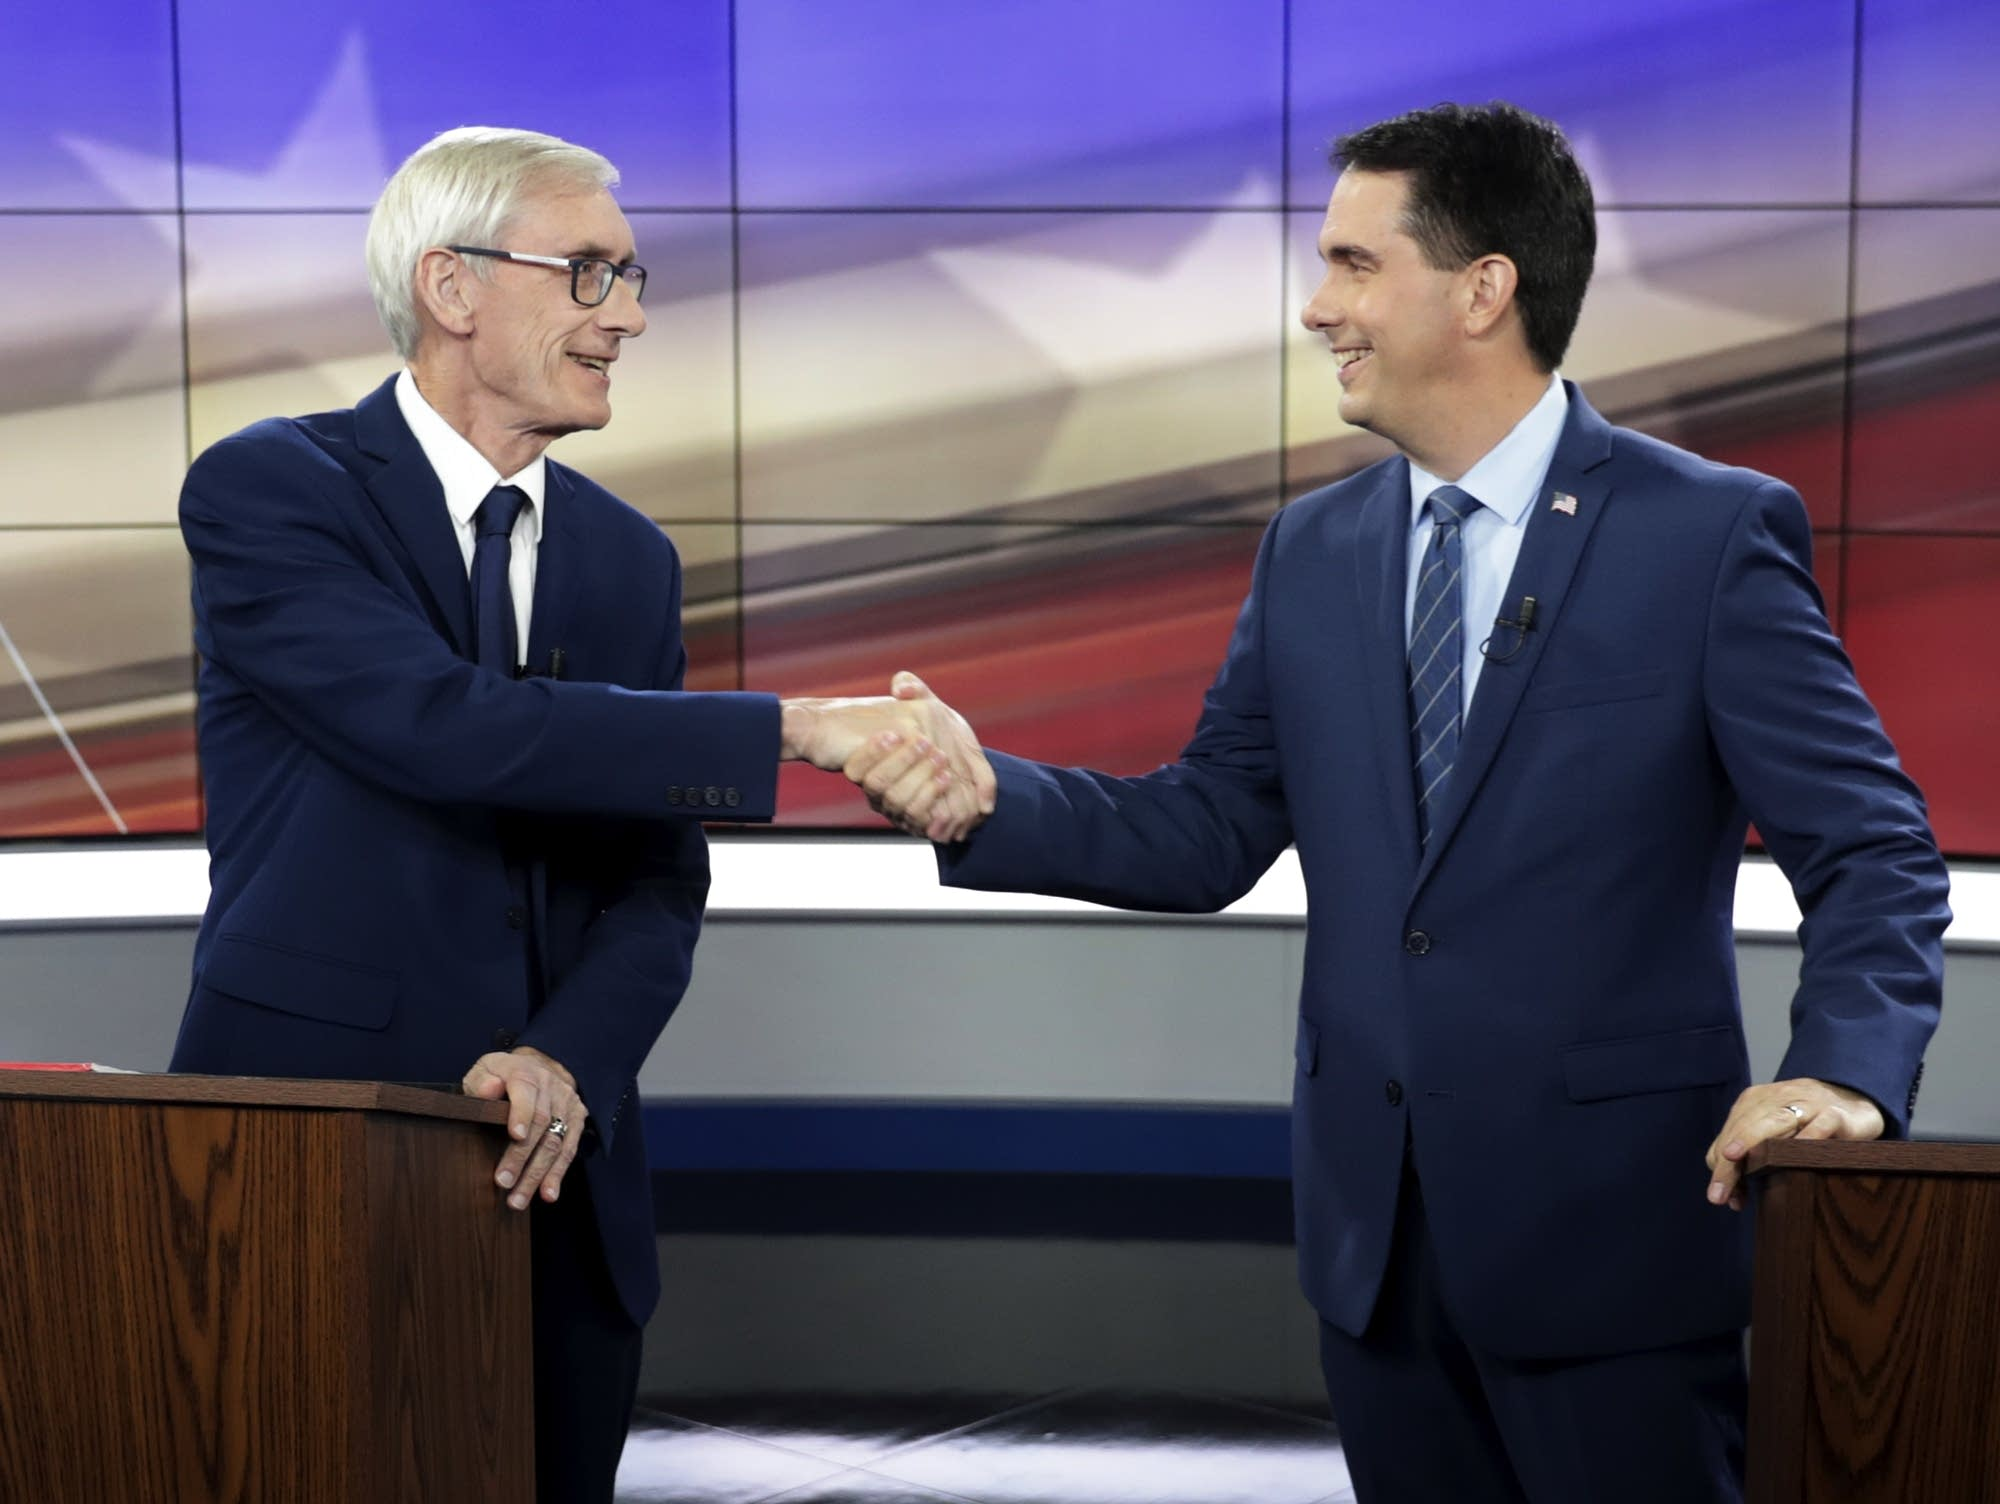 Democrat Tony Evers, left, and Wisconsin Gov. Scott Walker, a Republican